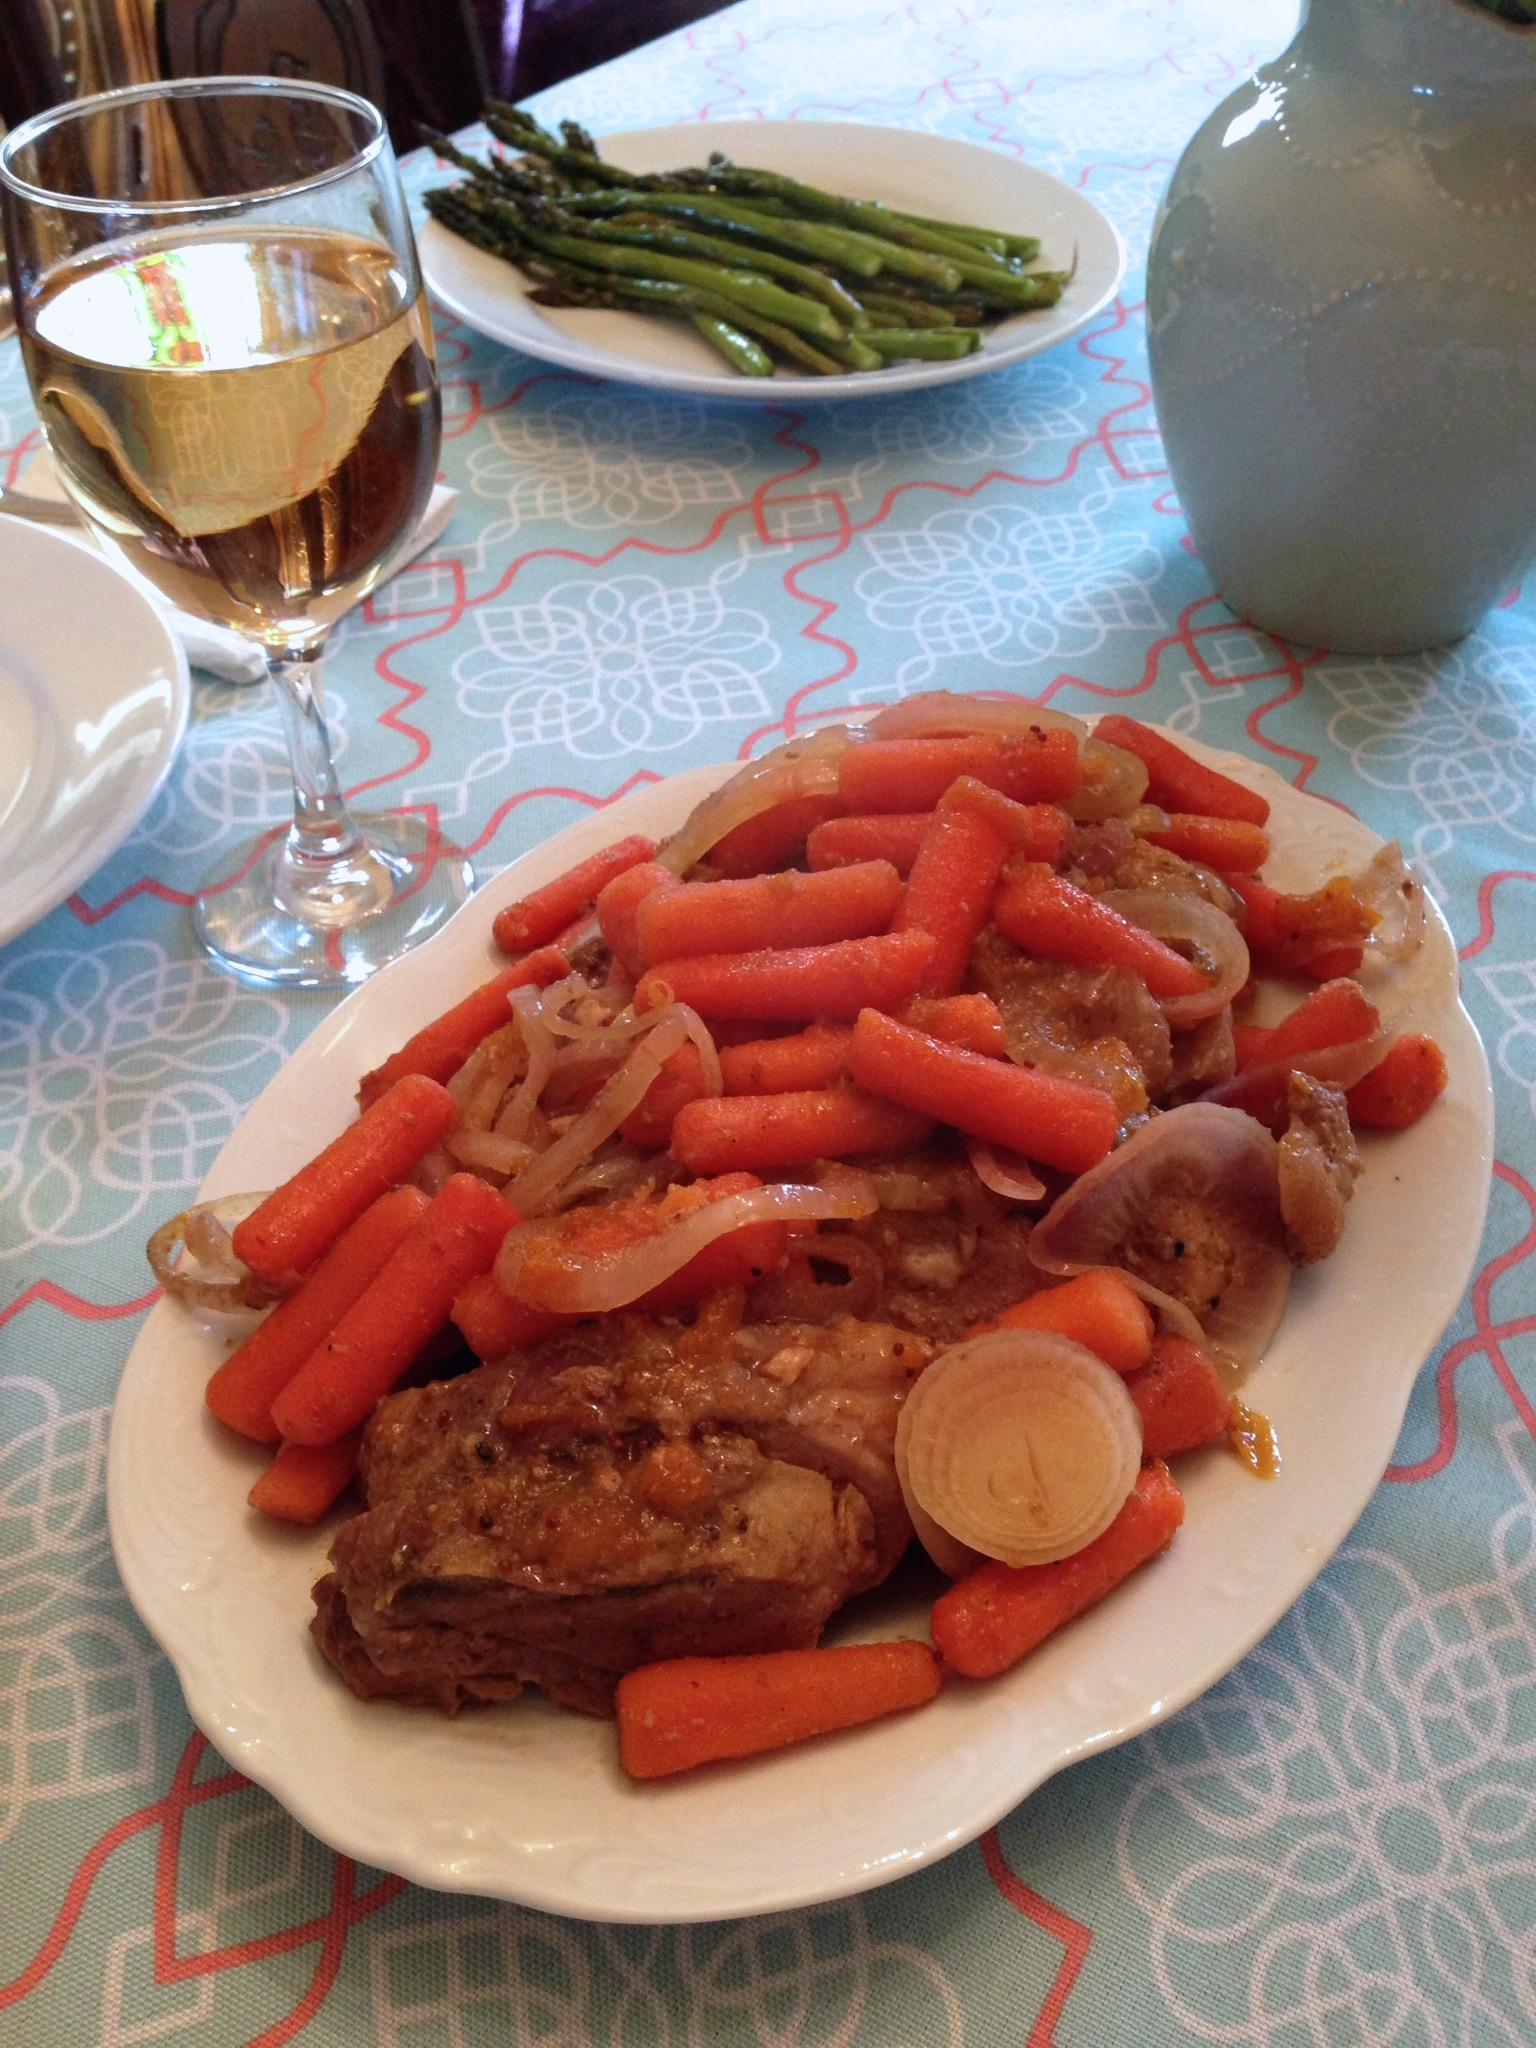 Sunday Dinner – Apricot Glazed Pork Tenderloin | Sweet As A Peach